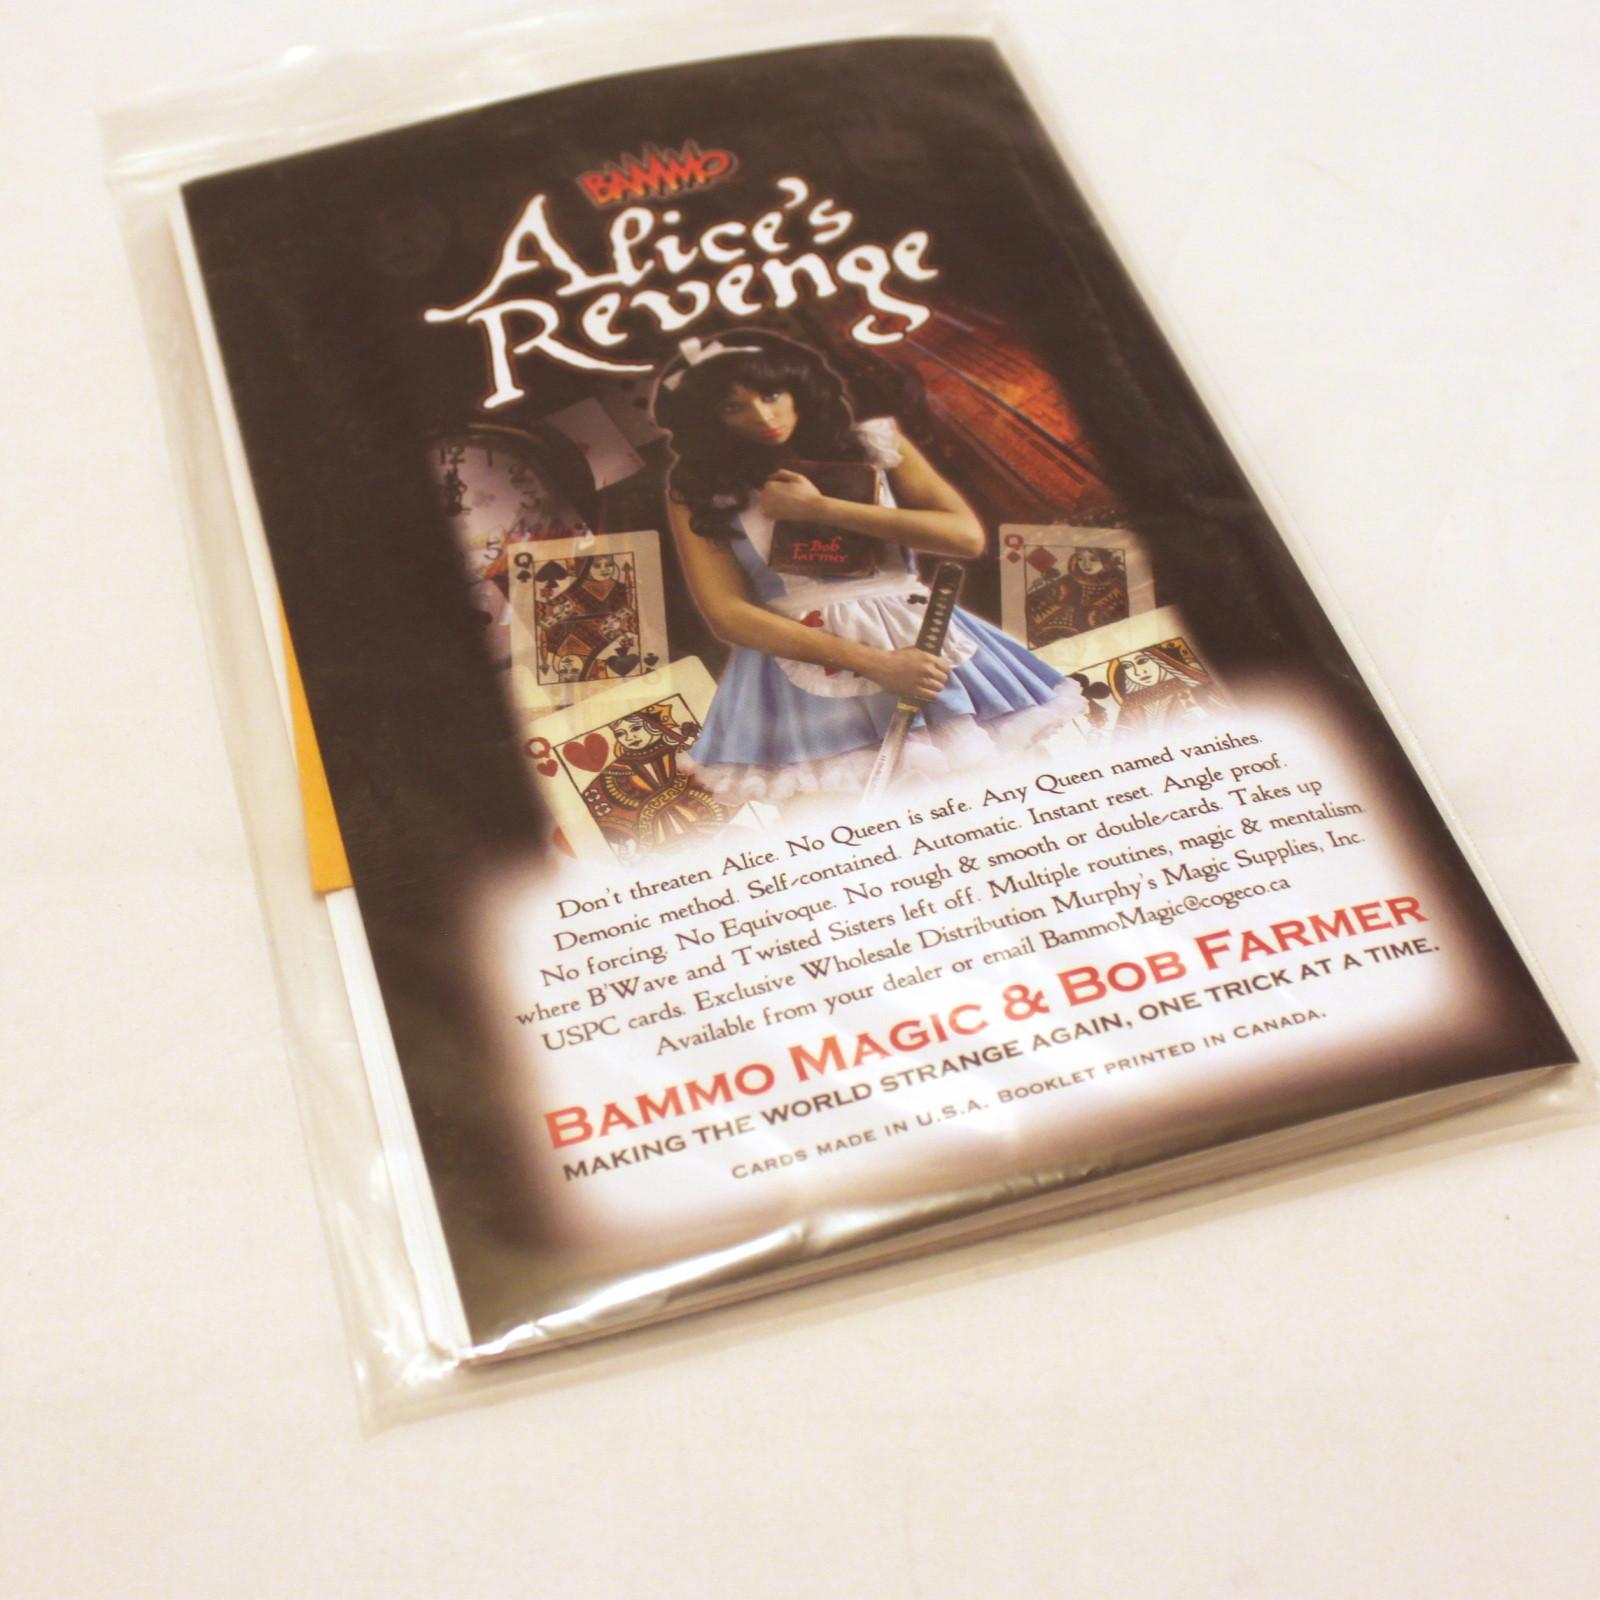 Alice's Revenge by Bob Farmer